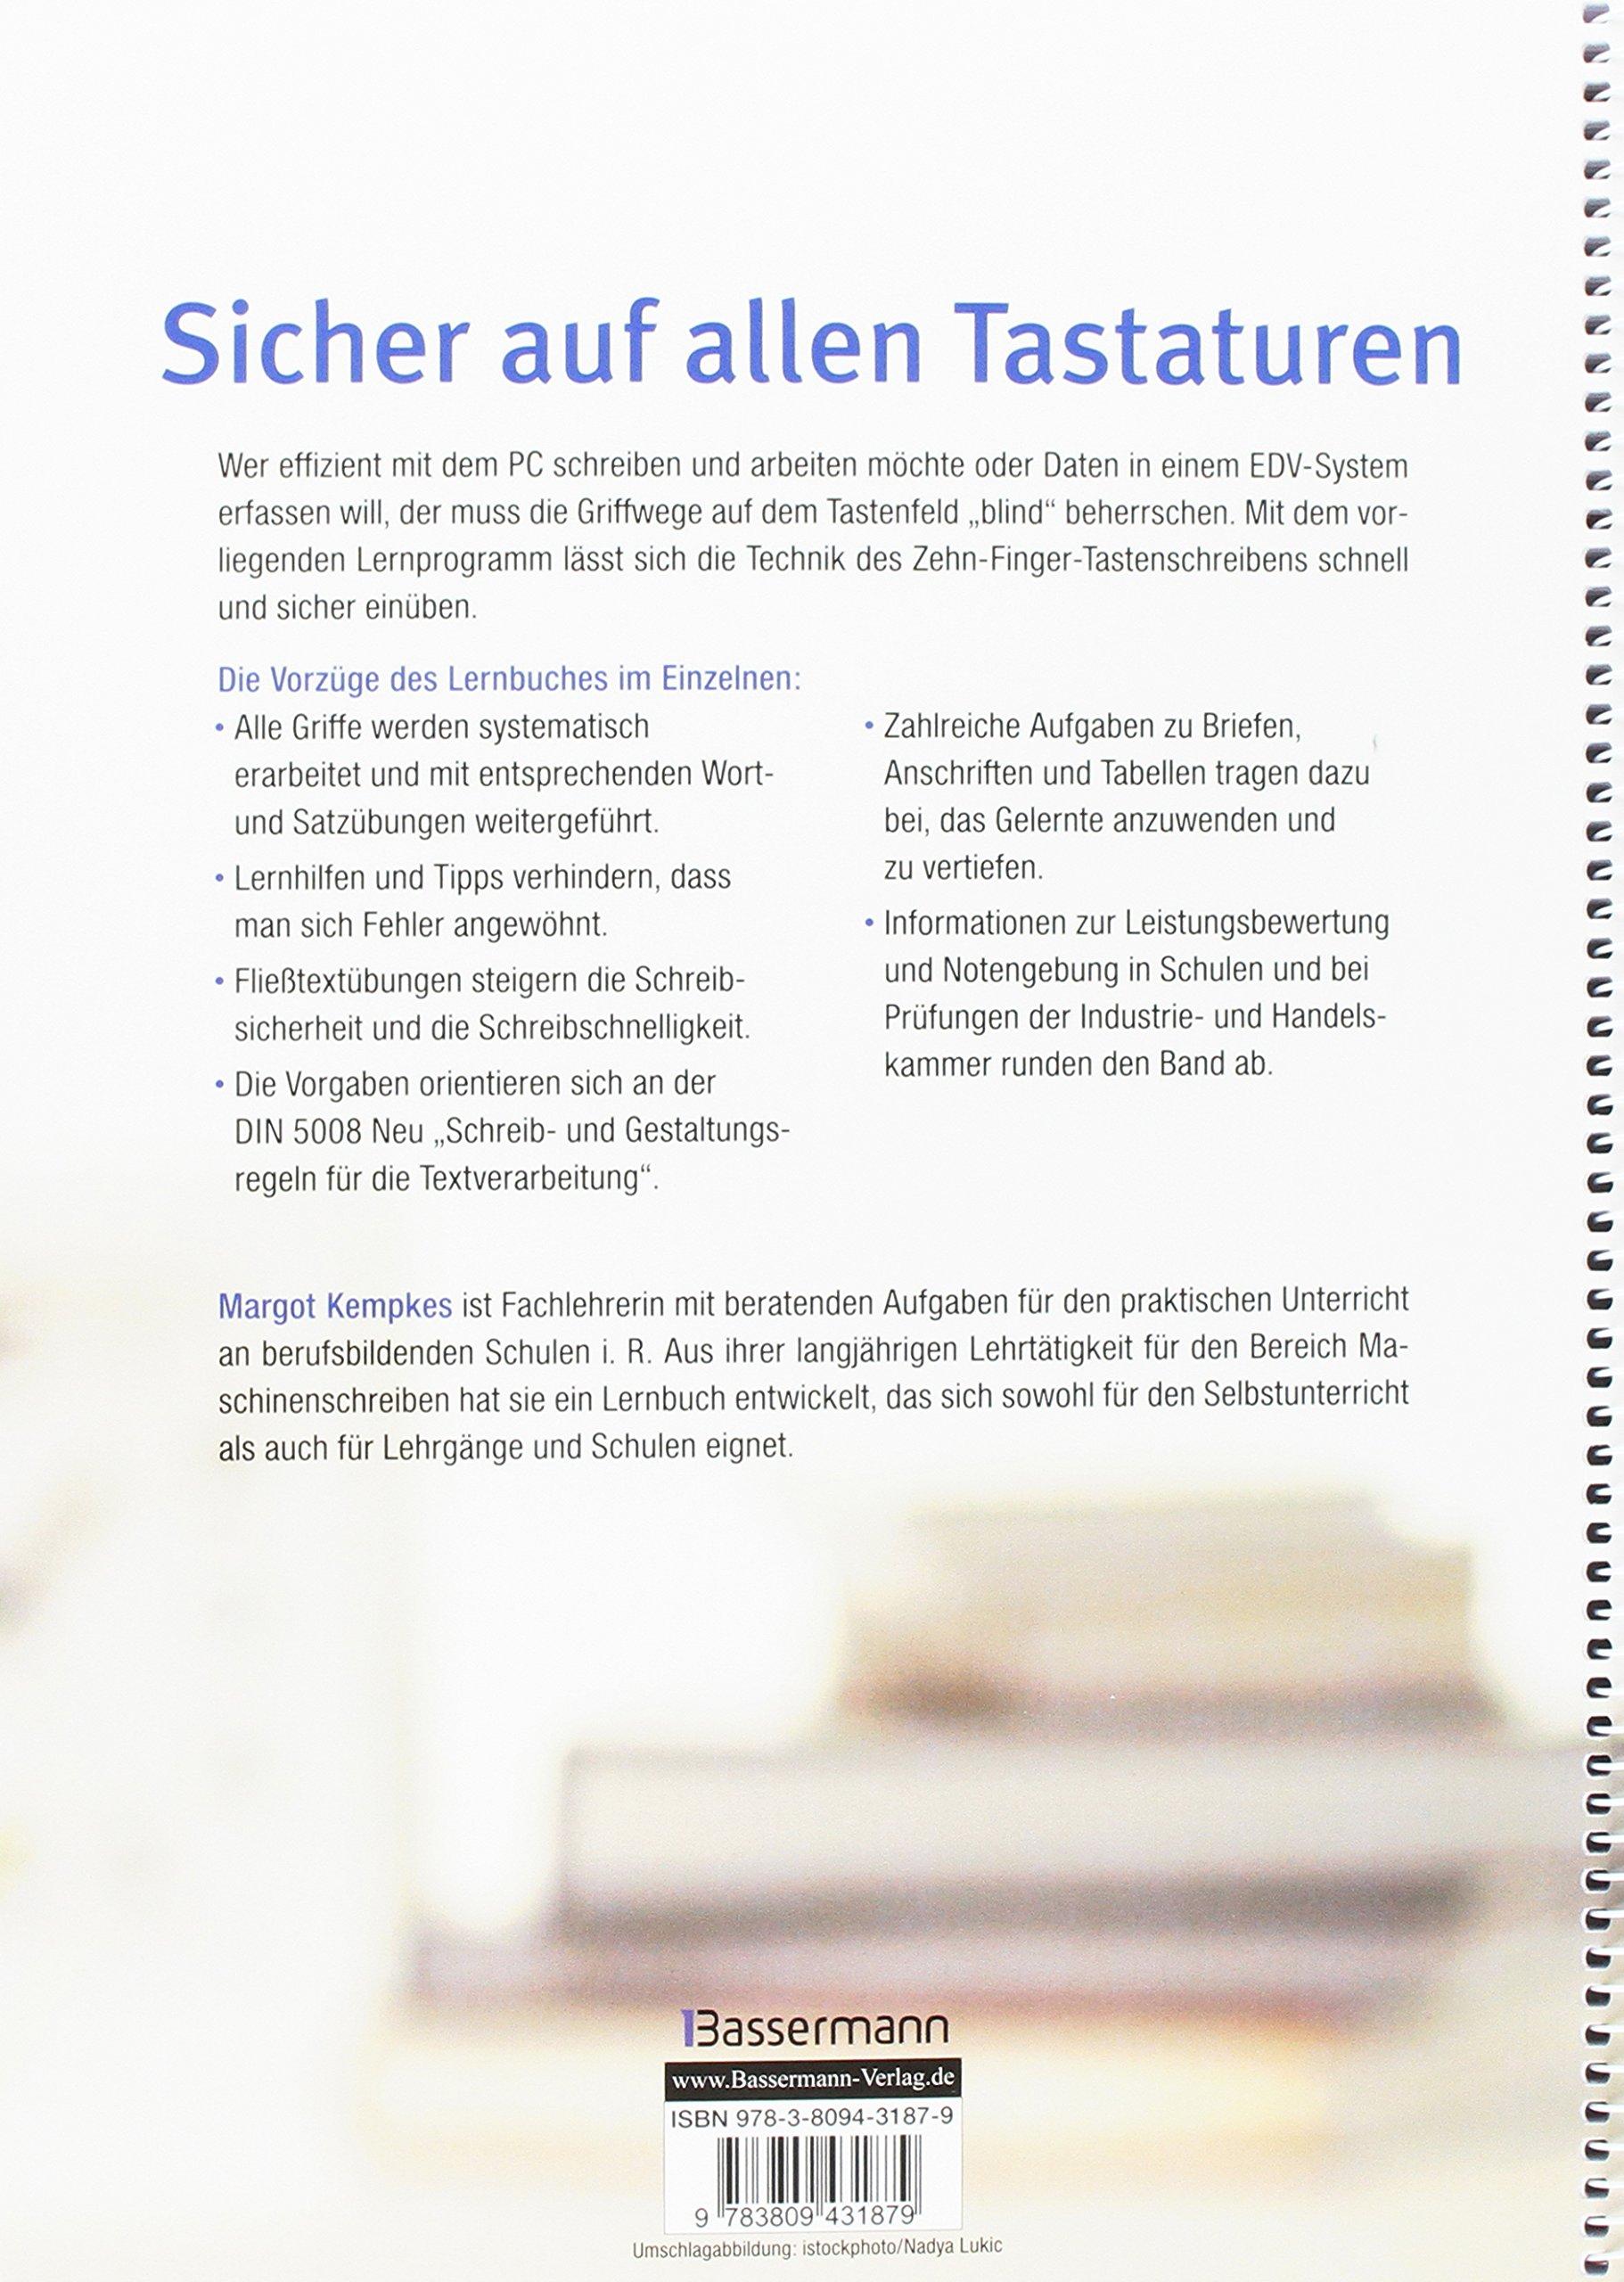 Maschinenschreiben Am Pc 9783809431879 Amazoncom Books